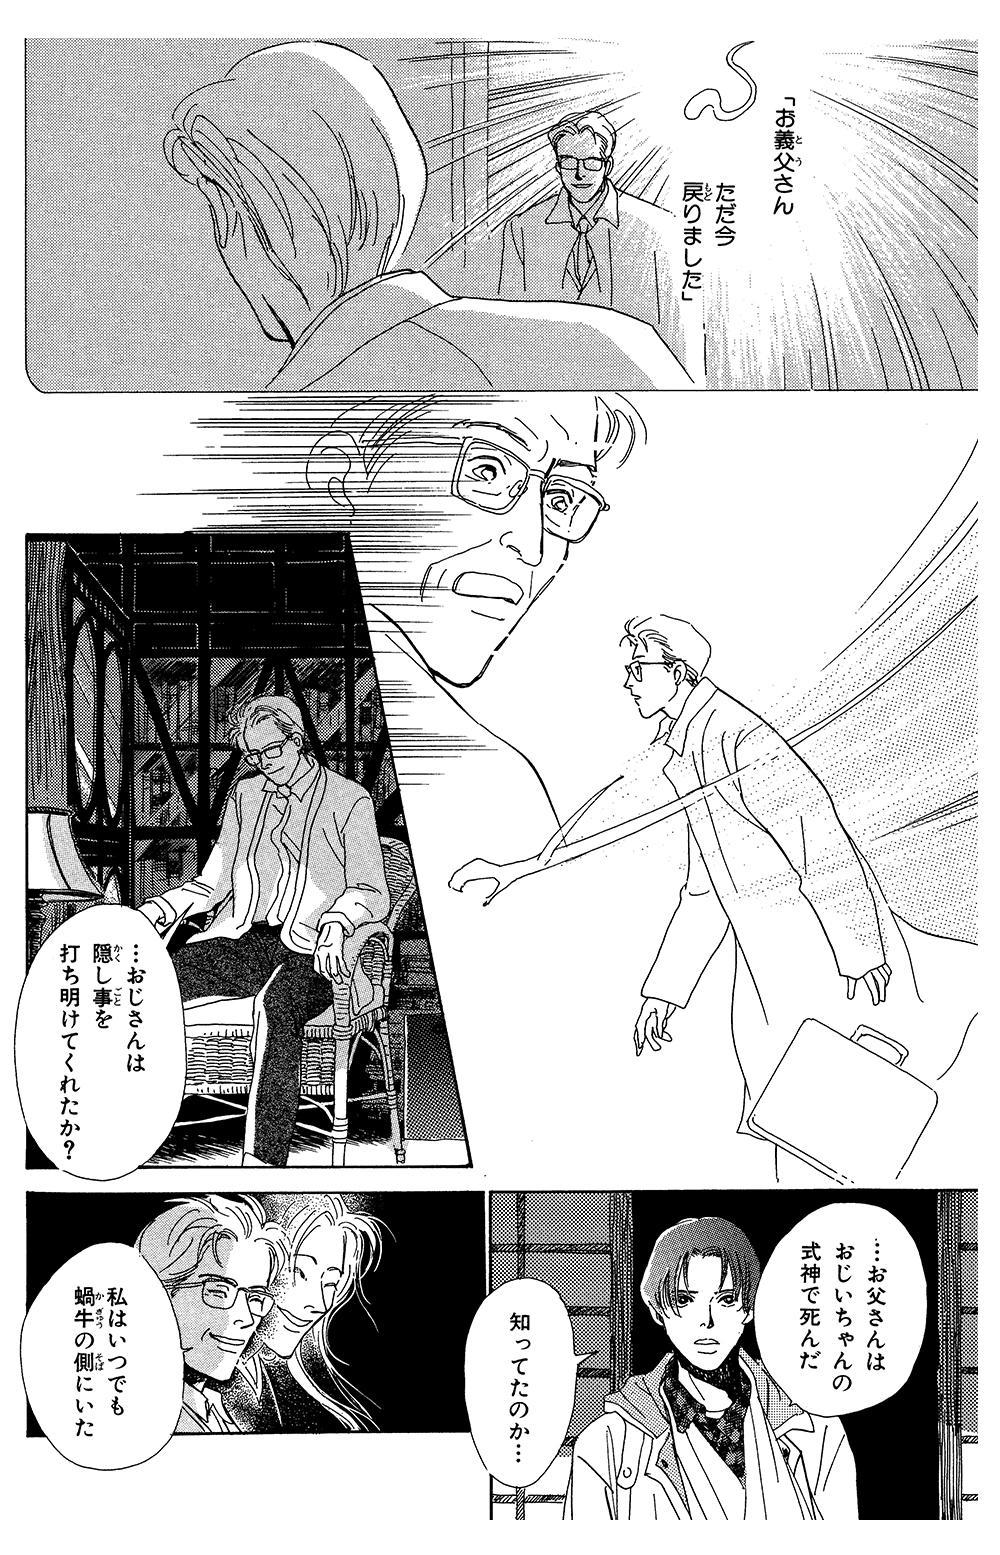 百鬼夜行抄 第1話「闇からの呼び声」⑤hyakki1-5-3.jpg